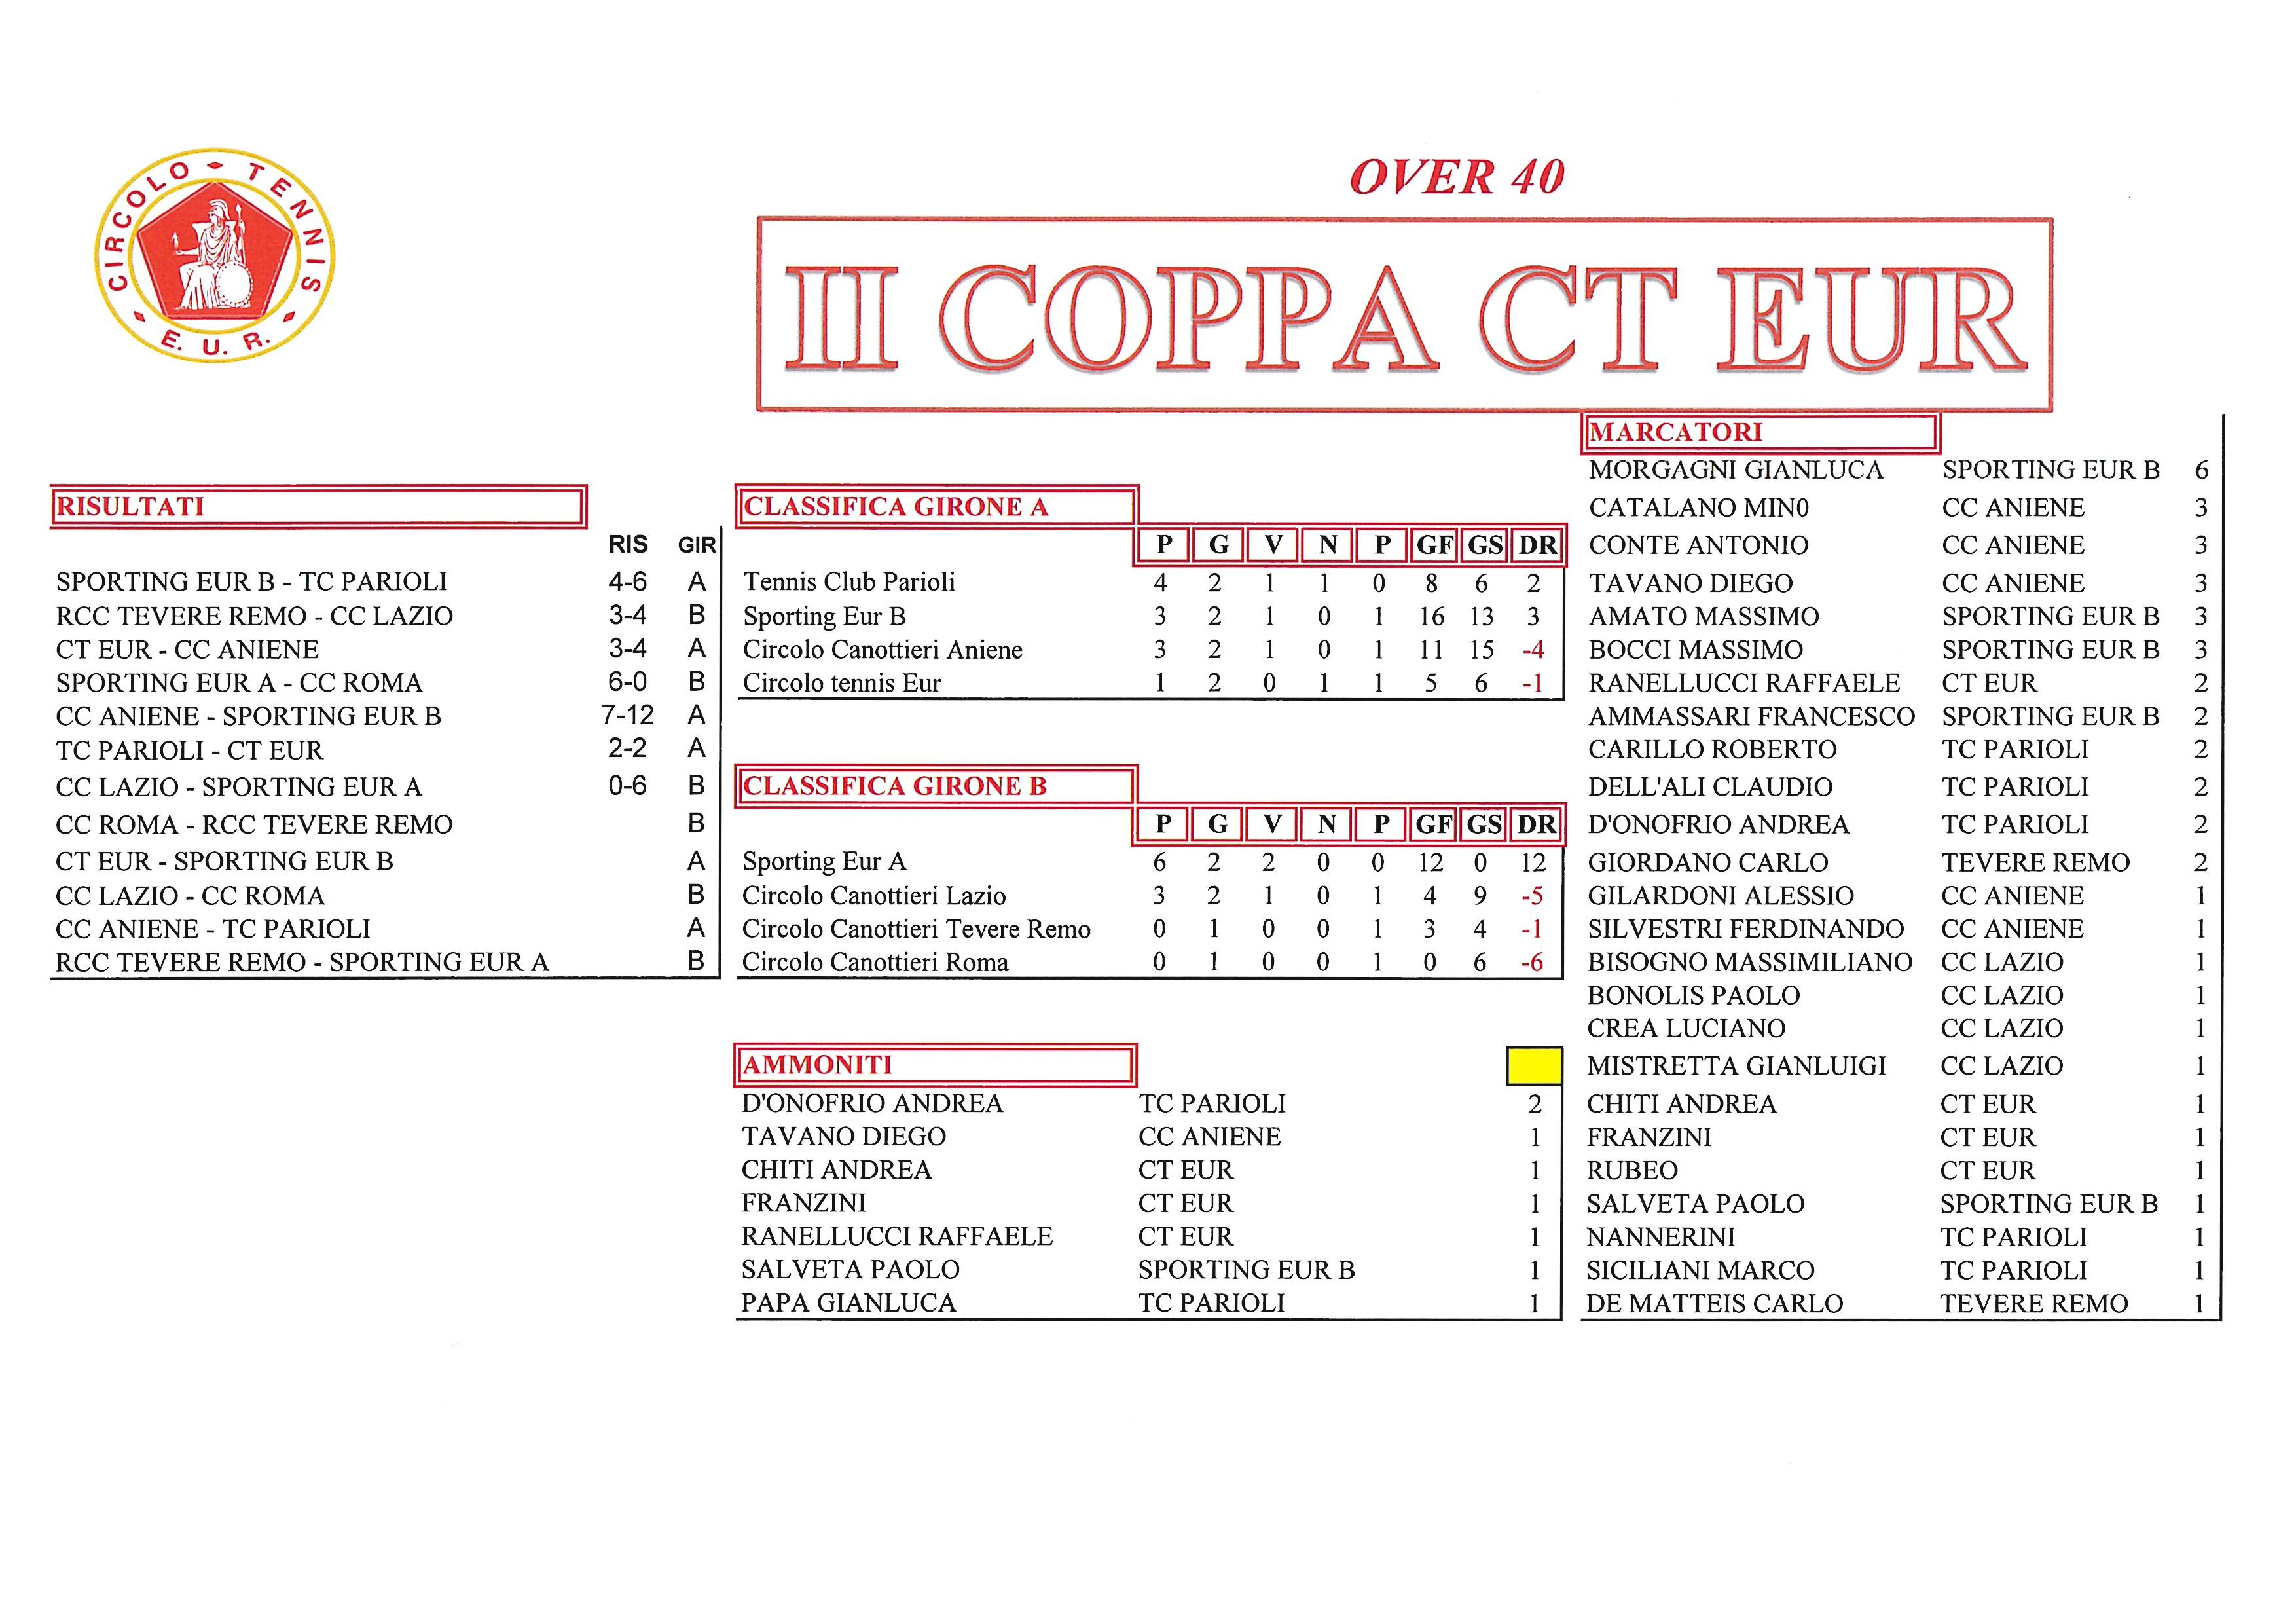 Coppa-CT-Eur-risultati-del-29-settembre-2017-Over-40